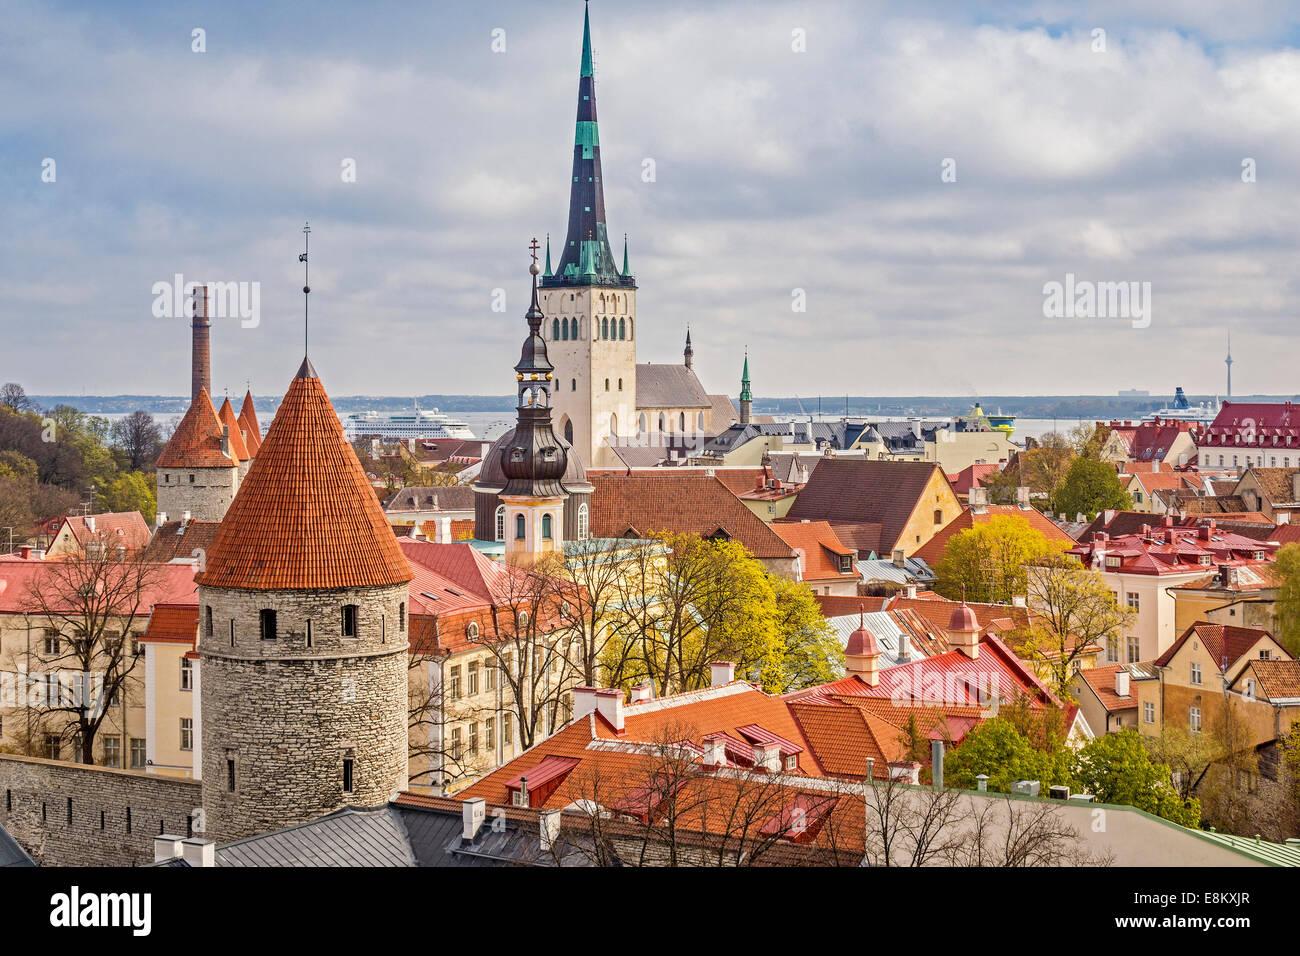 Rooftop Scene Tallinn Estonia - Stock Image